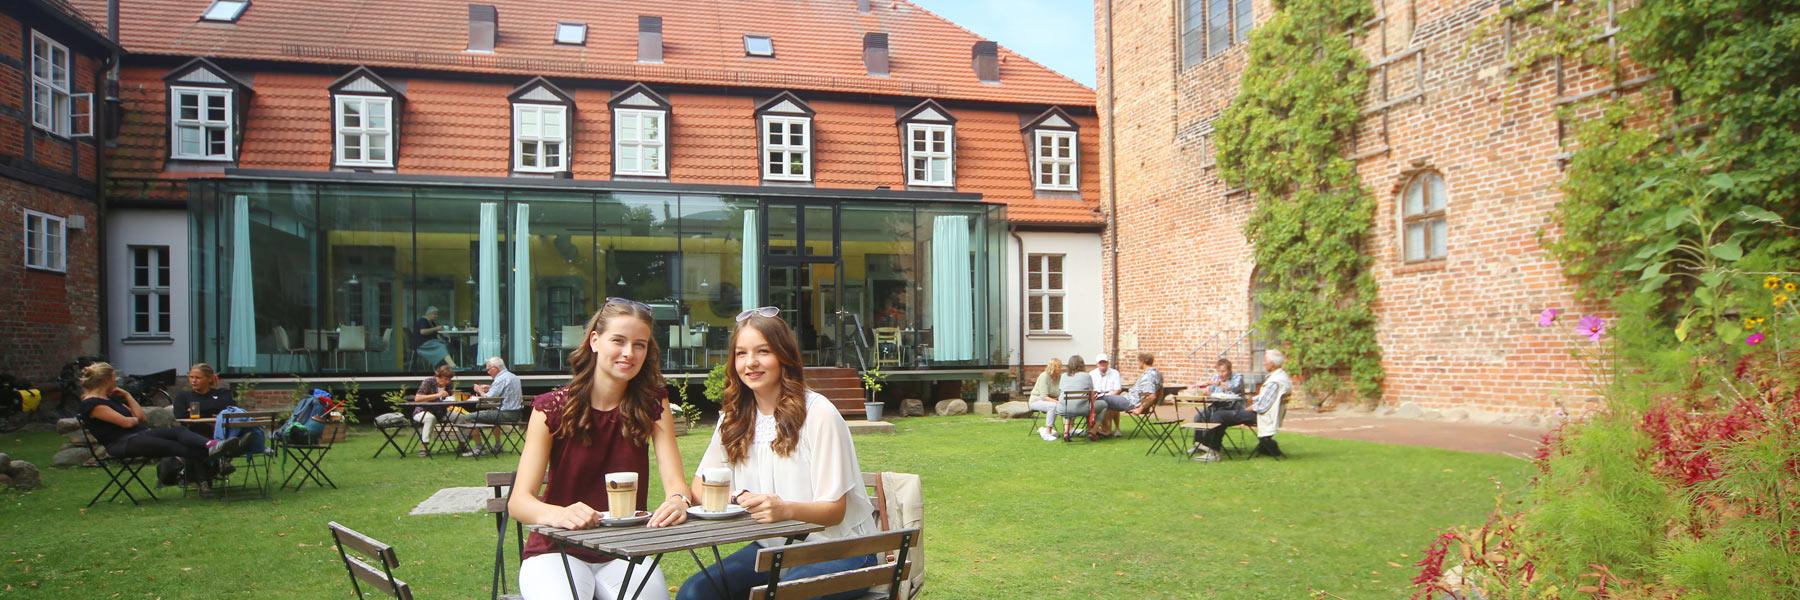 Bernsteincafe - Ribnitz-Damgarten